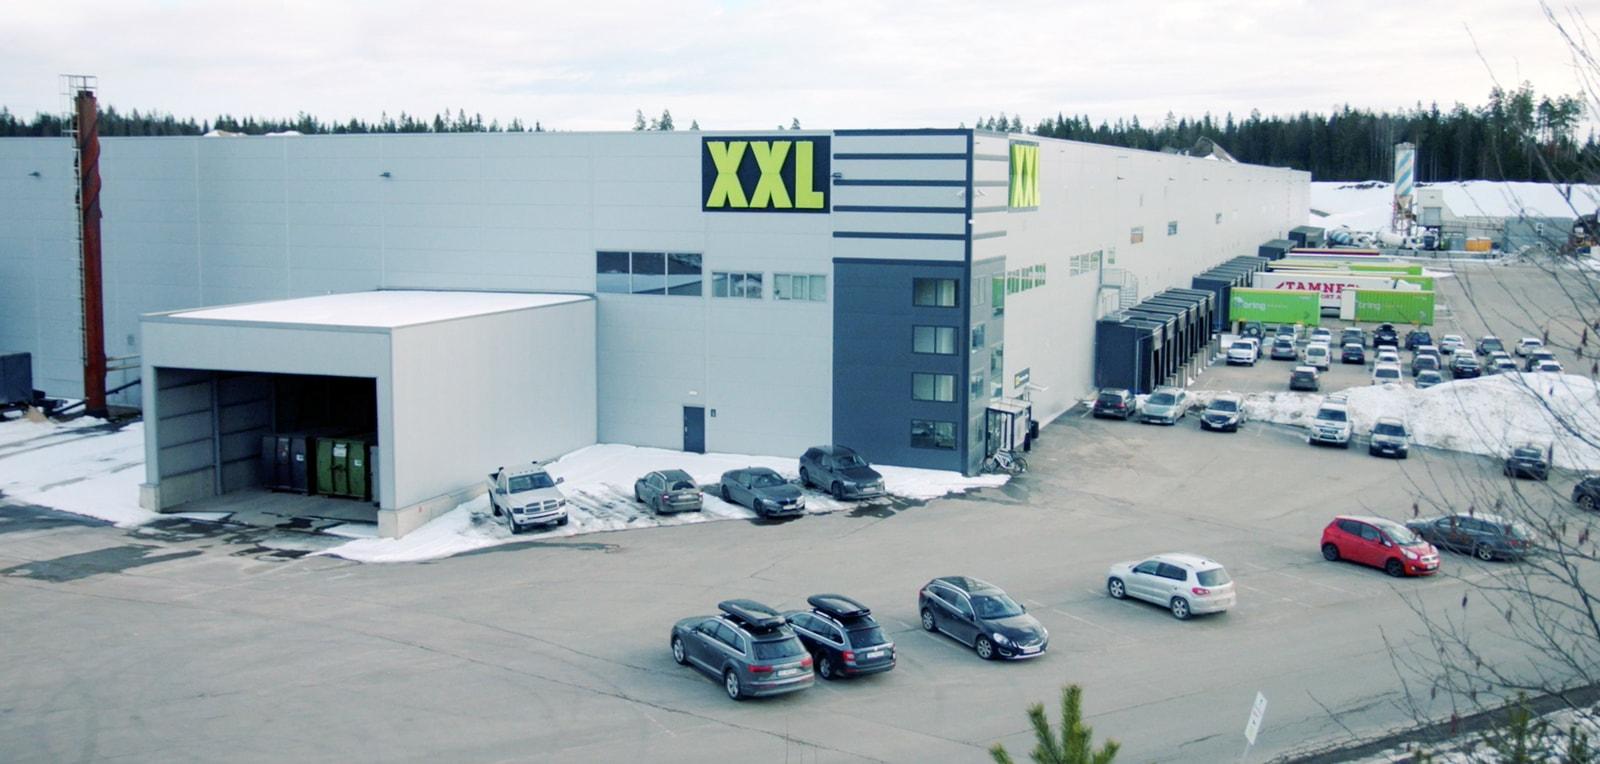 Imagen del almacén de la compañía XXL